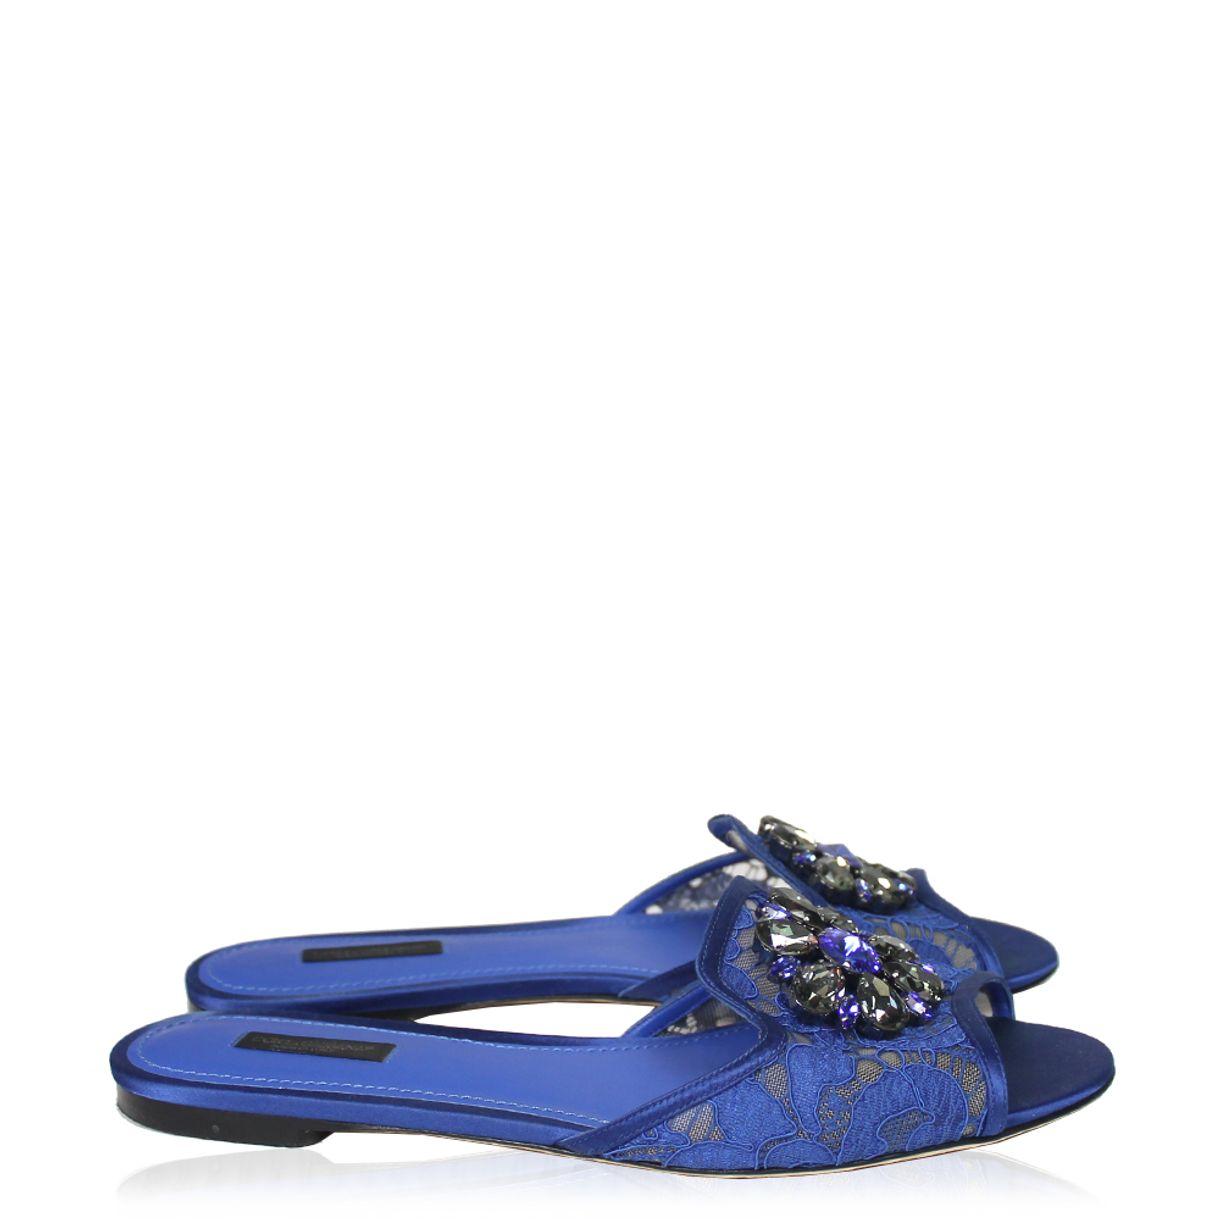 Sandalia-Rasteira-Dolce-_-Gabbana-Bianca-Azul